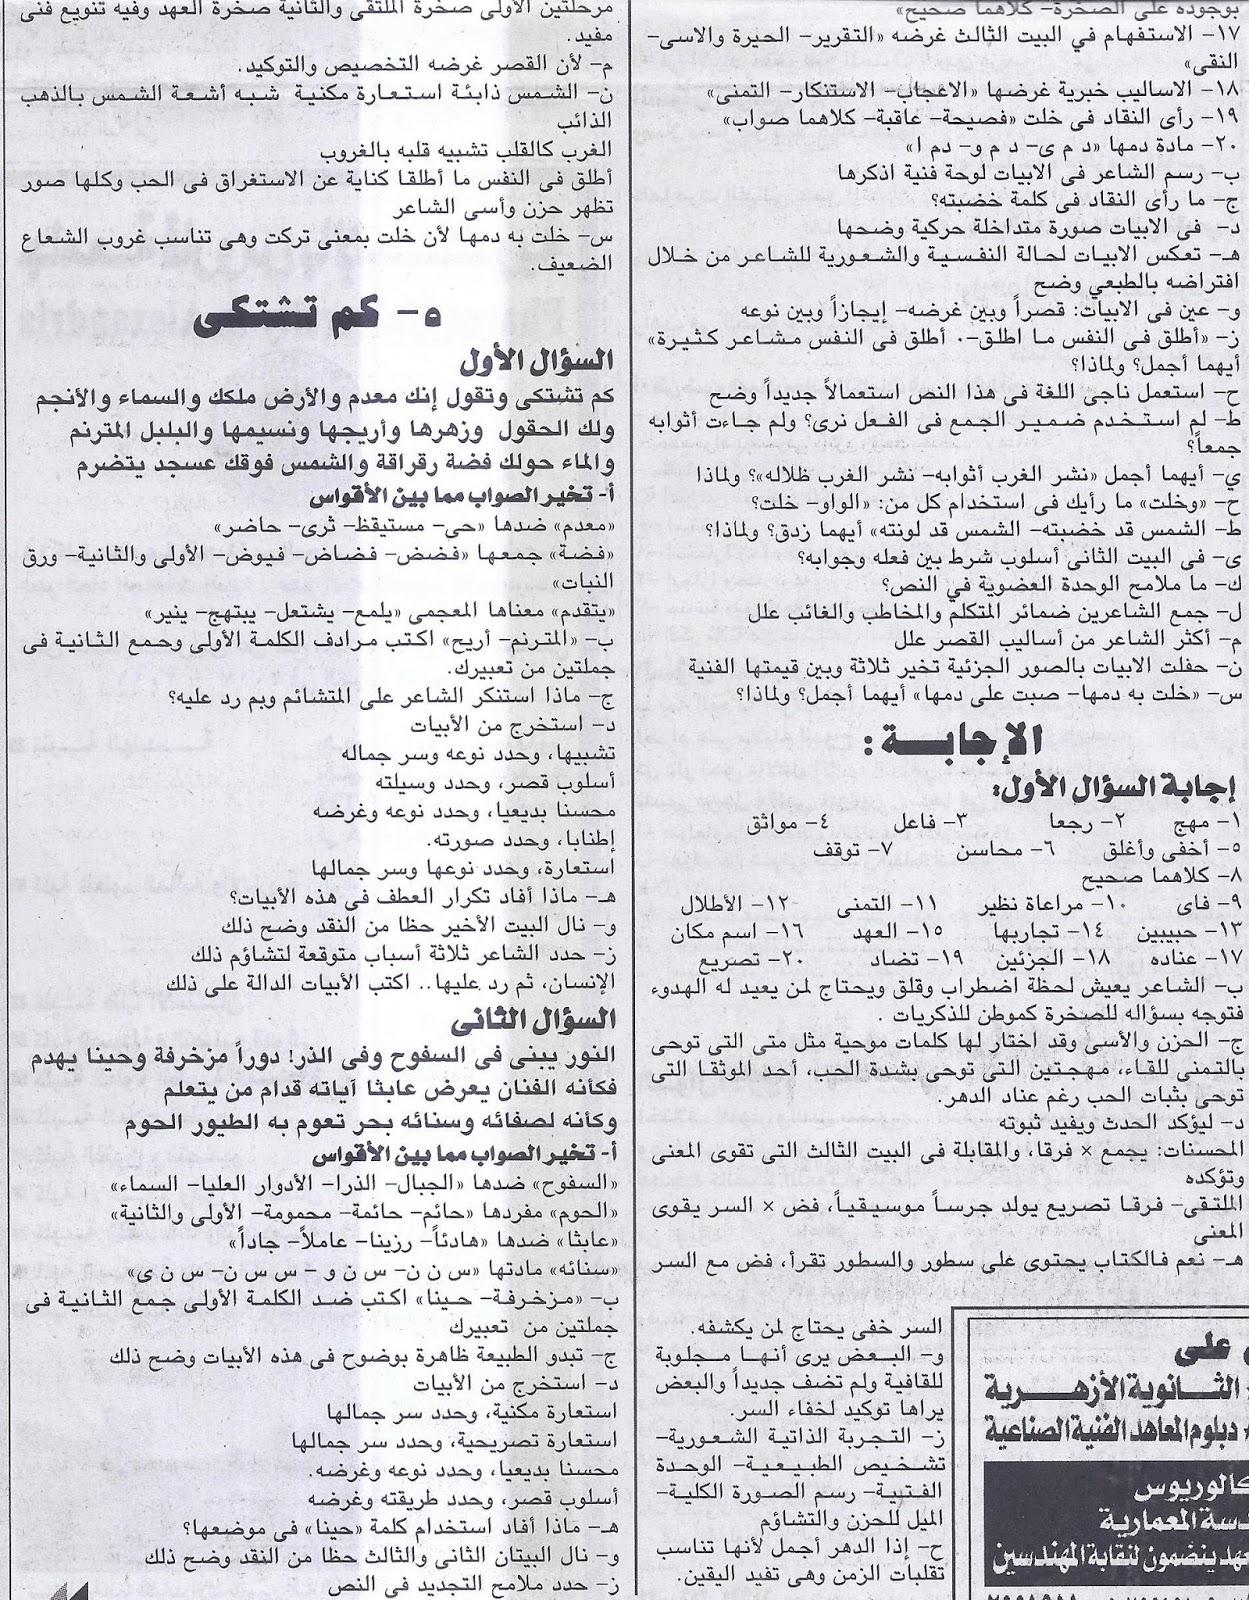 ملحق الجمهورية: مراجعة ليلة الامتحان في النصوص للصف الثالث الثانوى 8